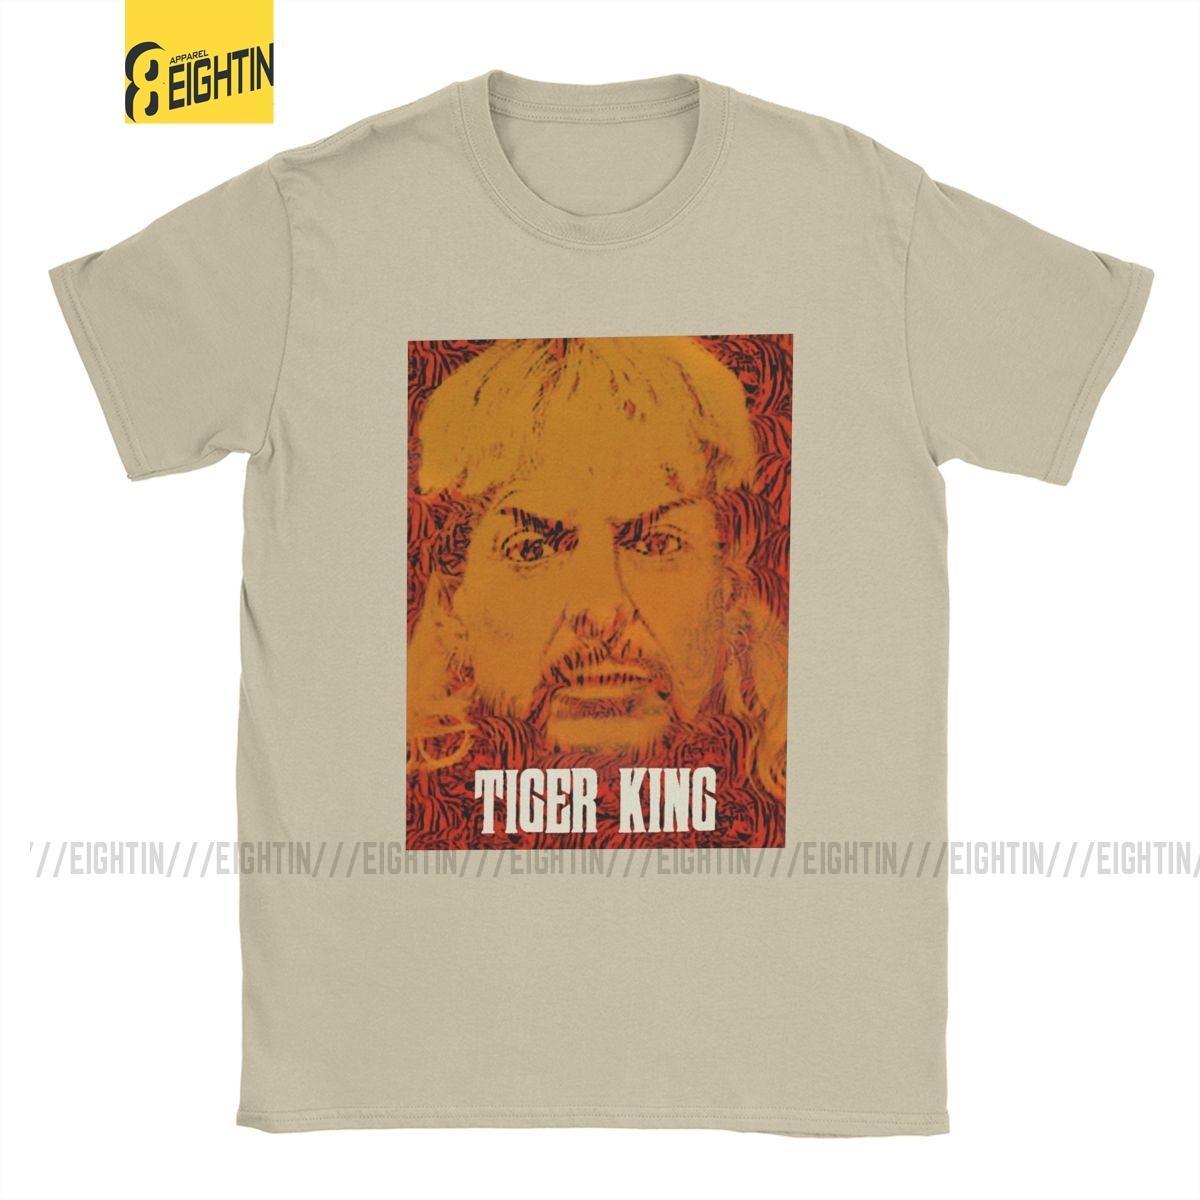 Rei Joe Exotic Tiger camisetas Homens Pure Presidente Cotton Fun T-shirt para a eleição América Big Cats Memes Camiseta de manga curta